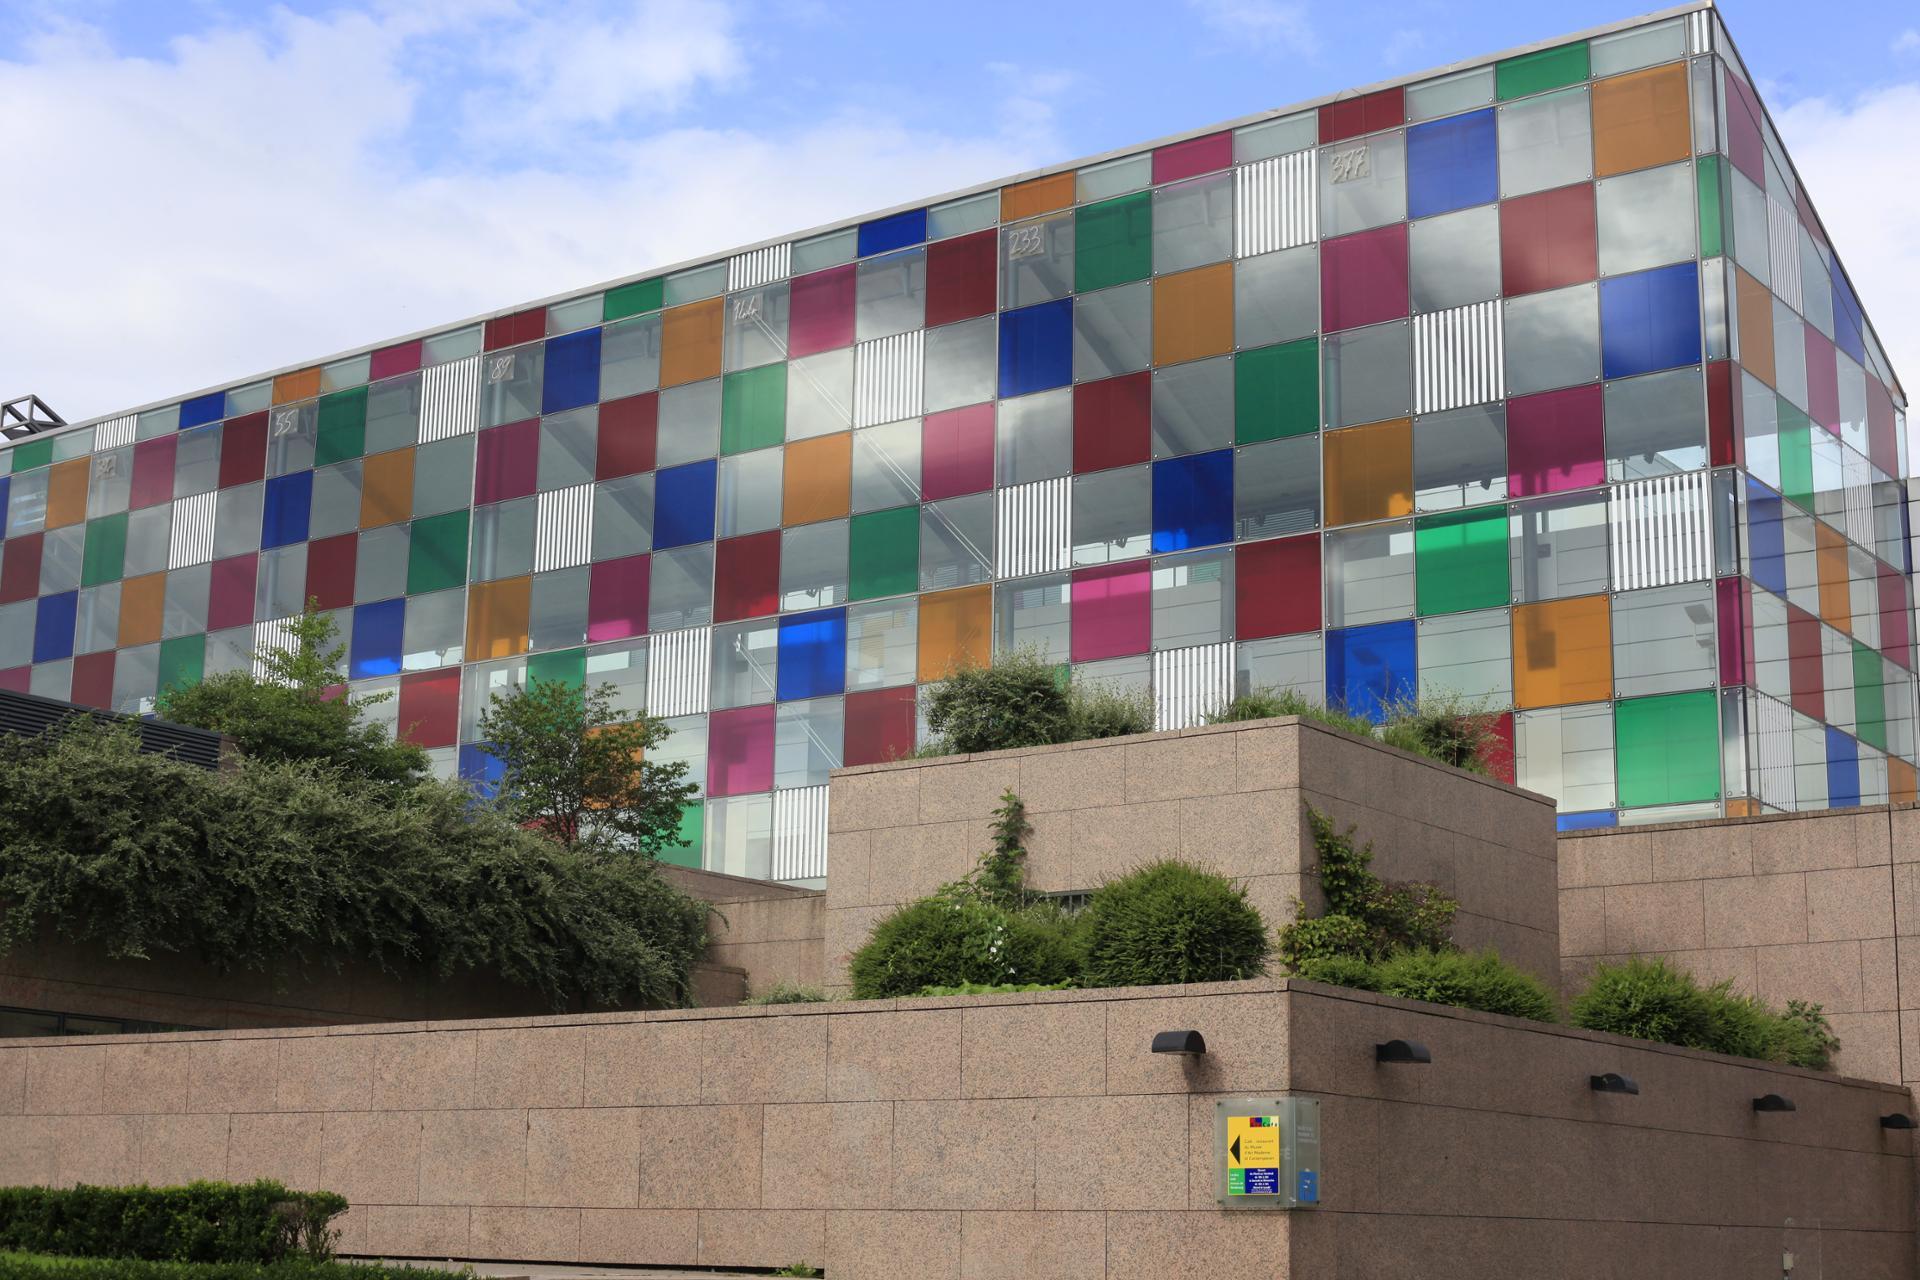 Musée d'Art Moderne Strasbourg